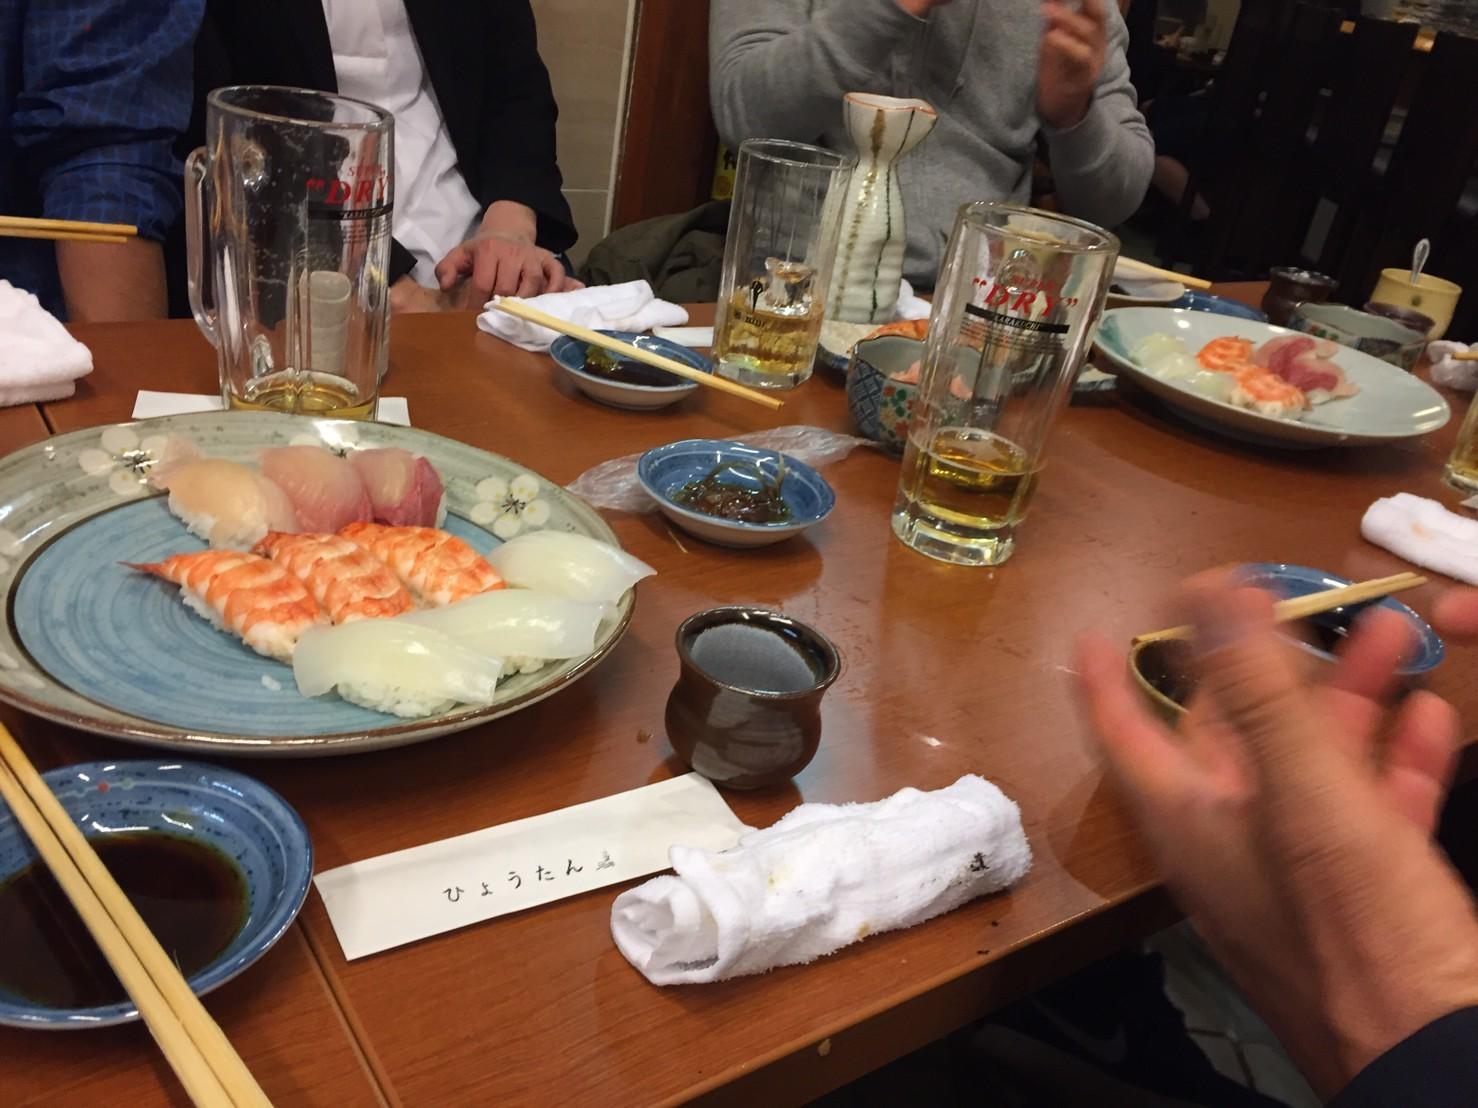 ひょうたん  (鳥取マラソン2019エイドスタッフ打ち上げ)_e0115904_22273046.jpg